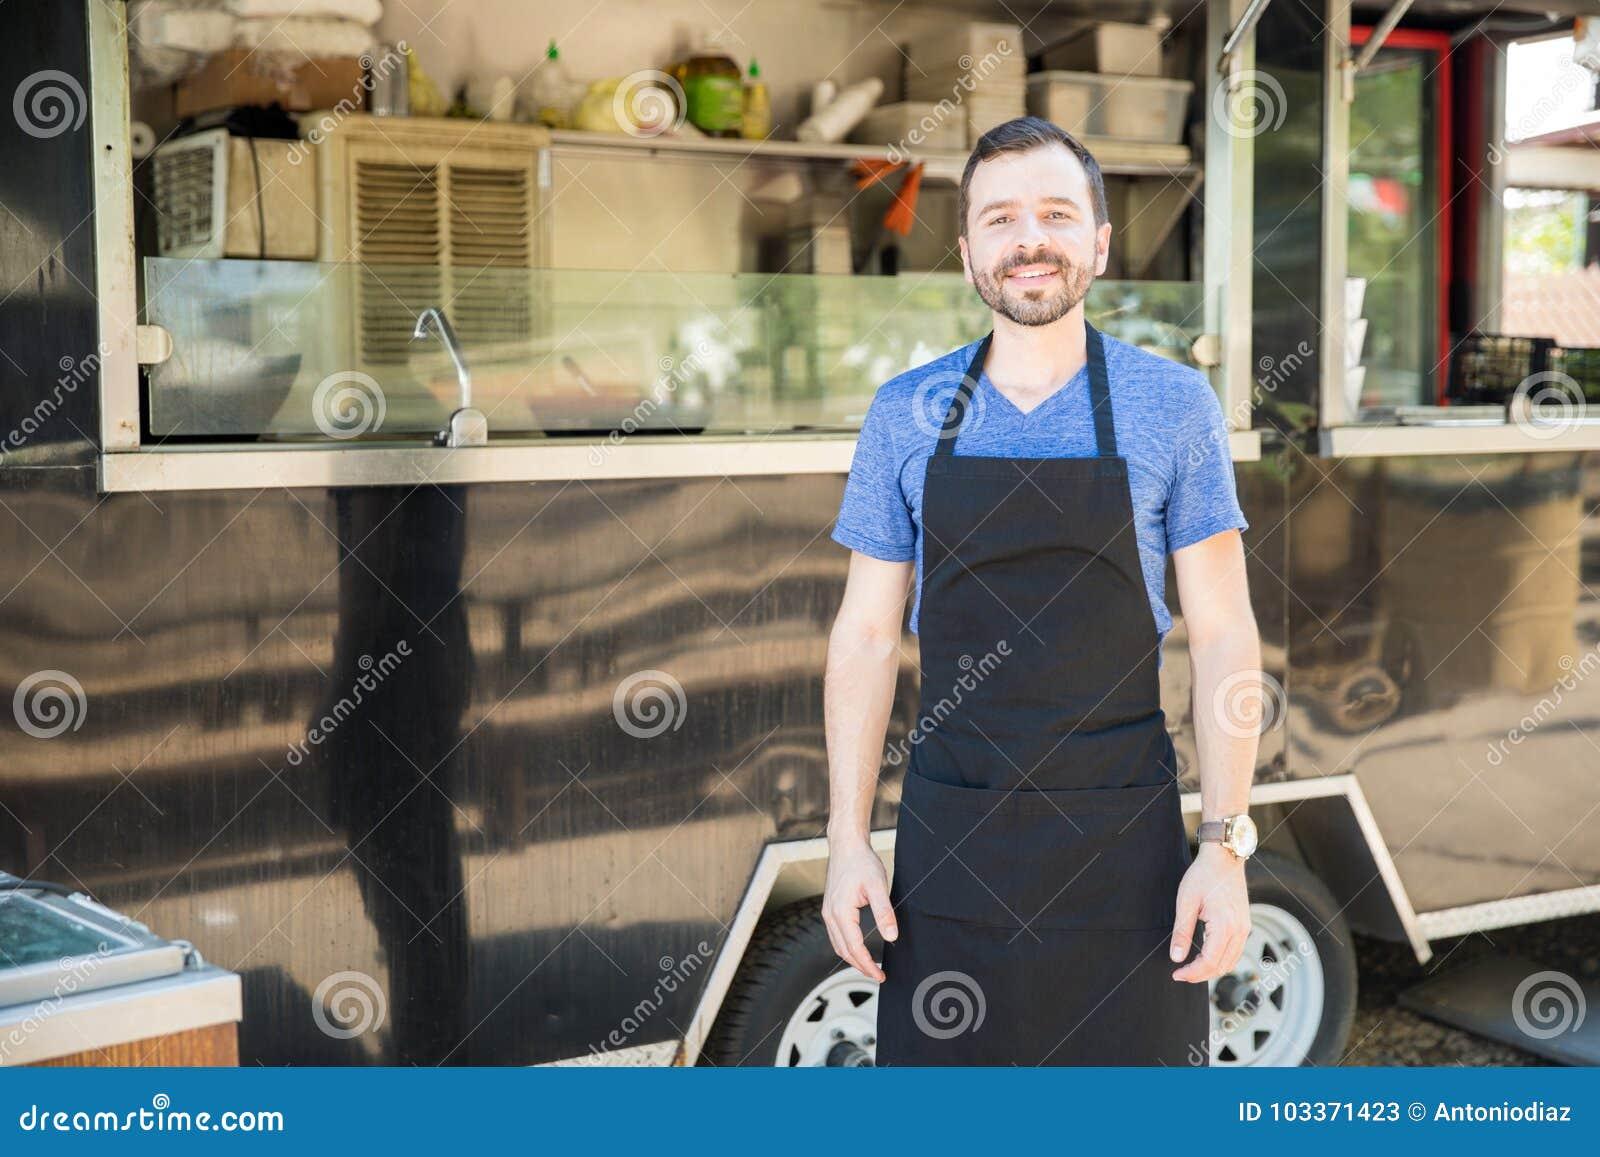 男性食物卡车所有者